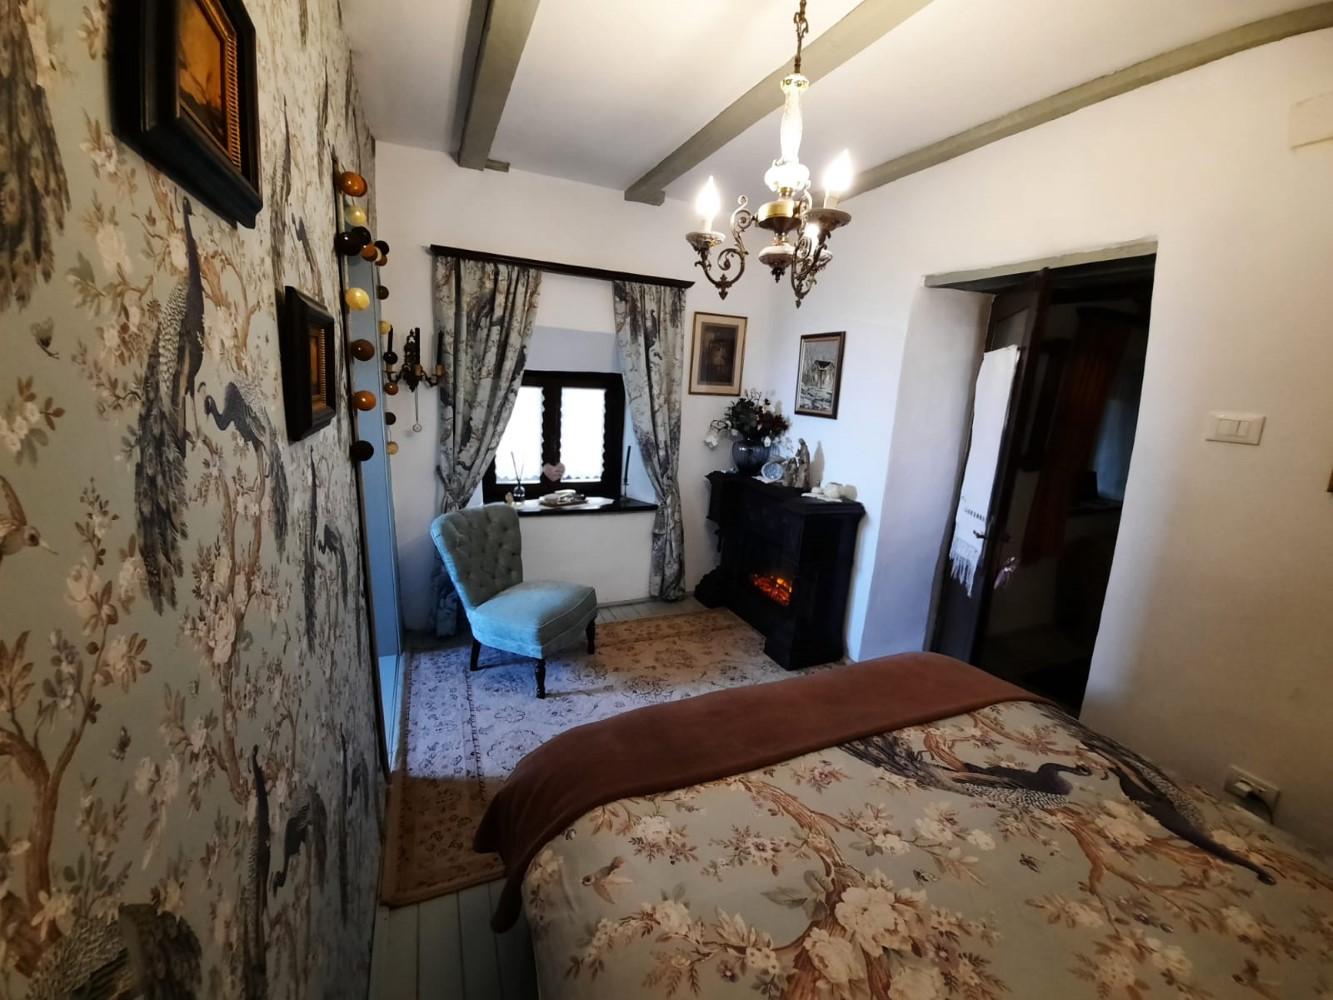 Interiorul fostei case pescărești, așa cum arată el în prezent